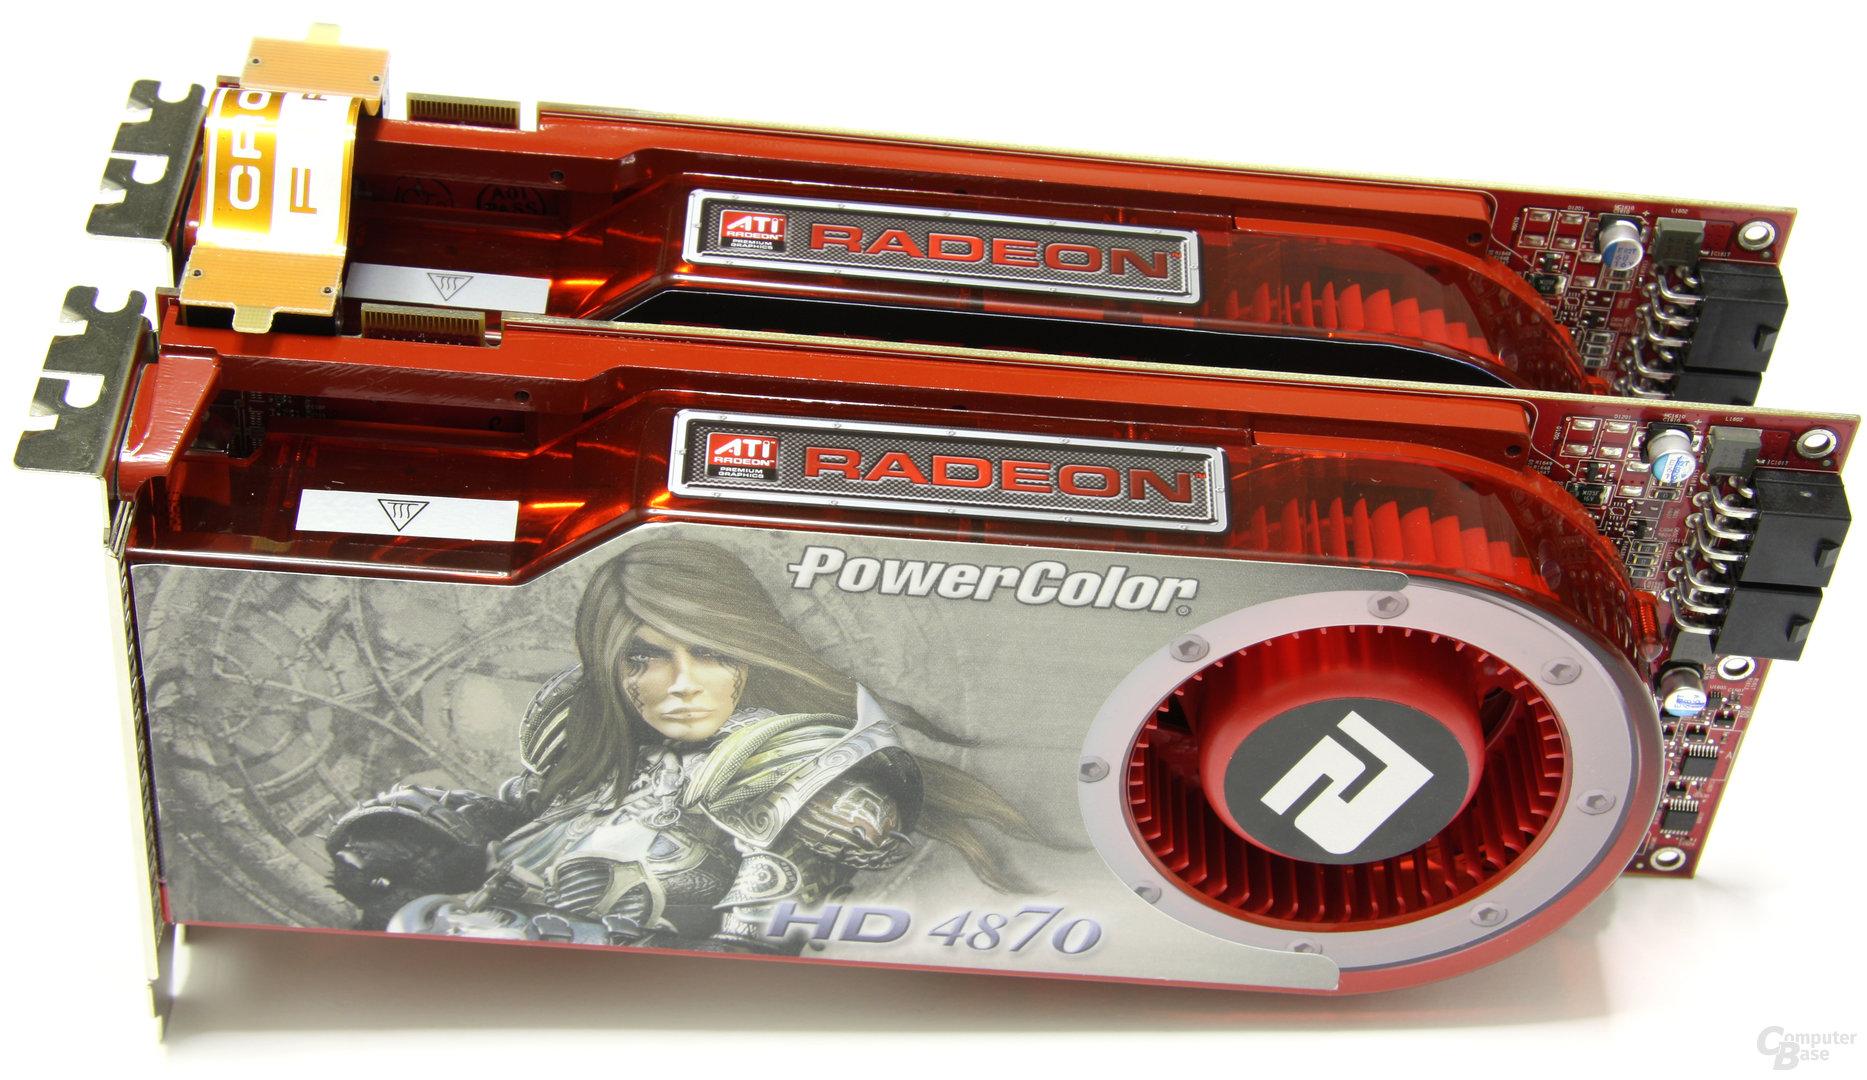 PowerColor Radeon HD 4870 CrossFire